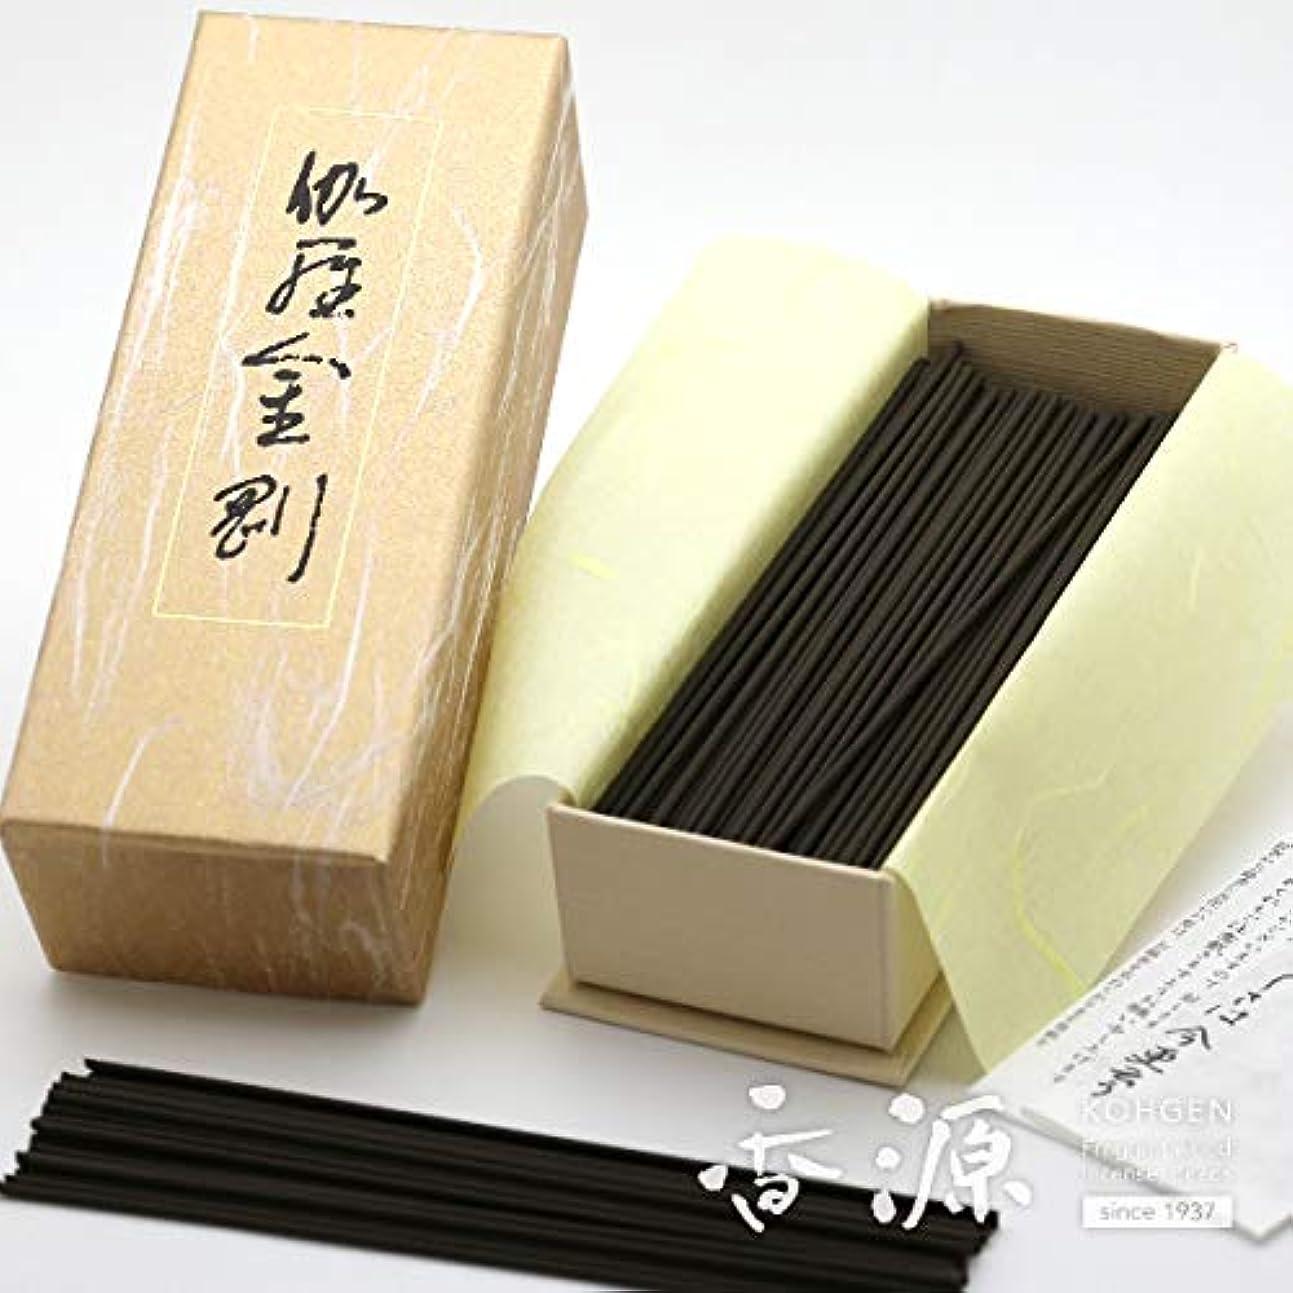 安価なアドバンテージウナギ日本香堂のお線香 伽羅金剛 お徳用バラ詰